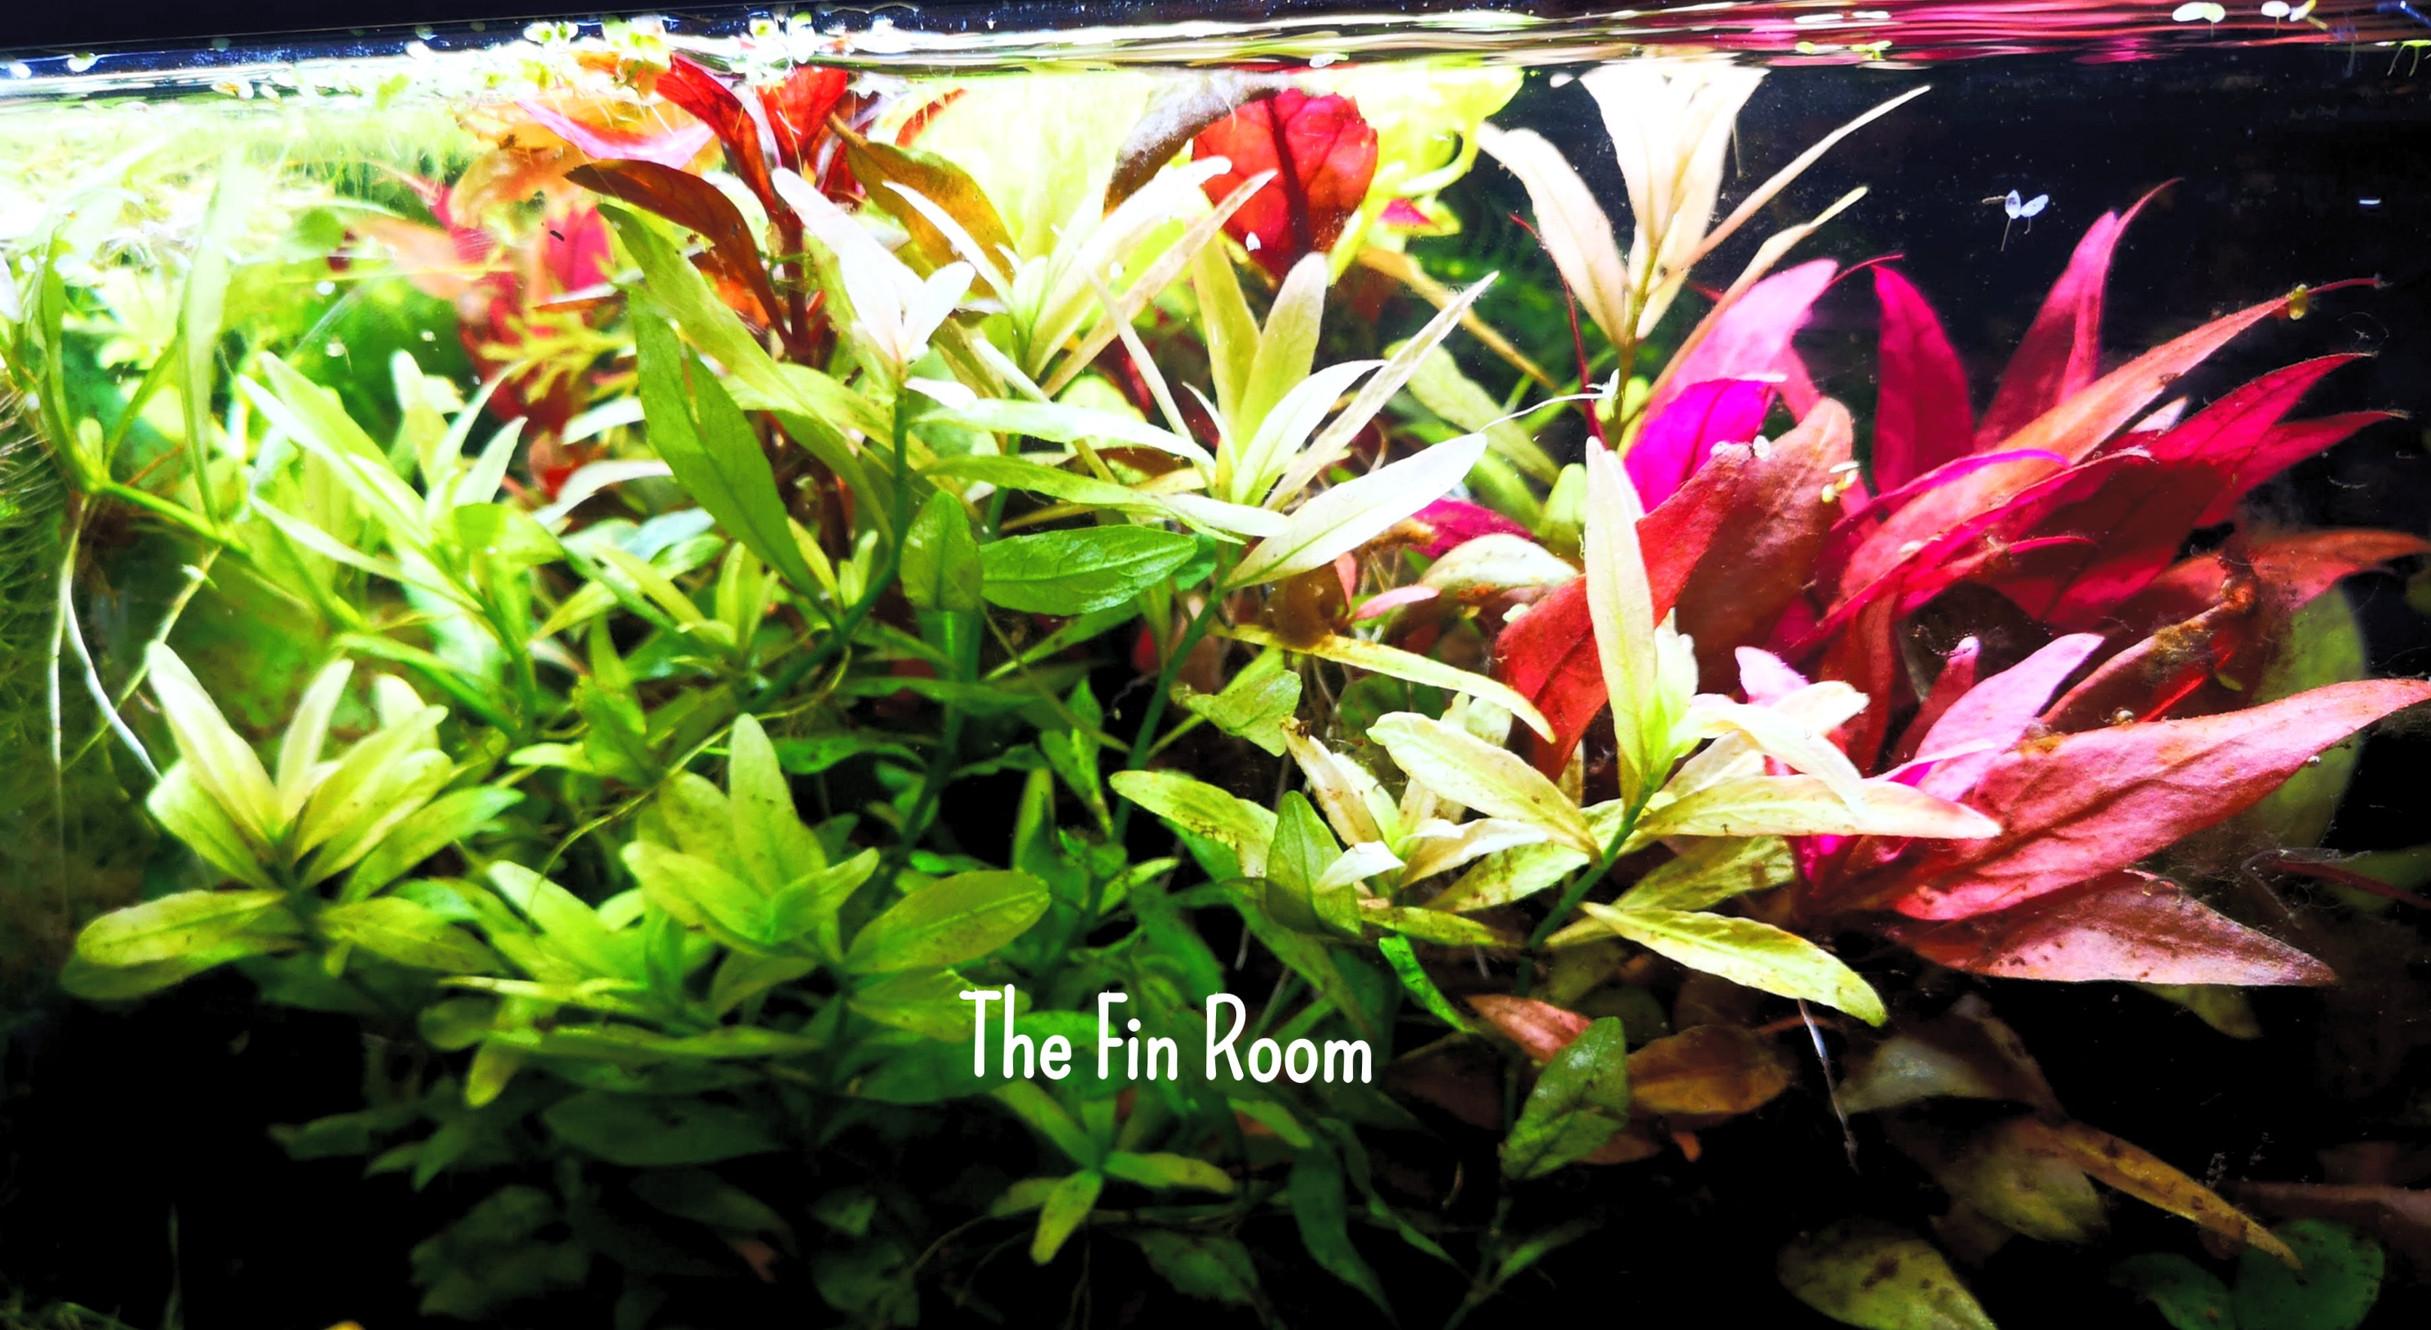 www.thefinroom.co.uk